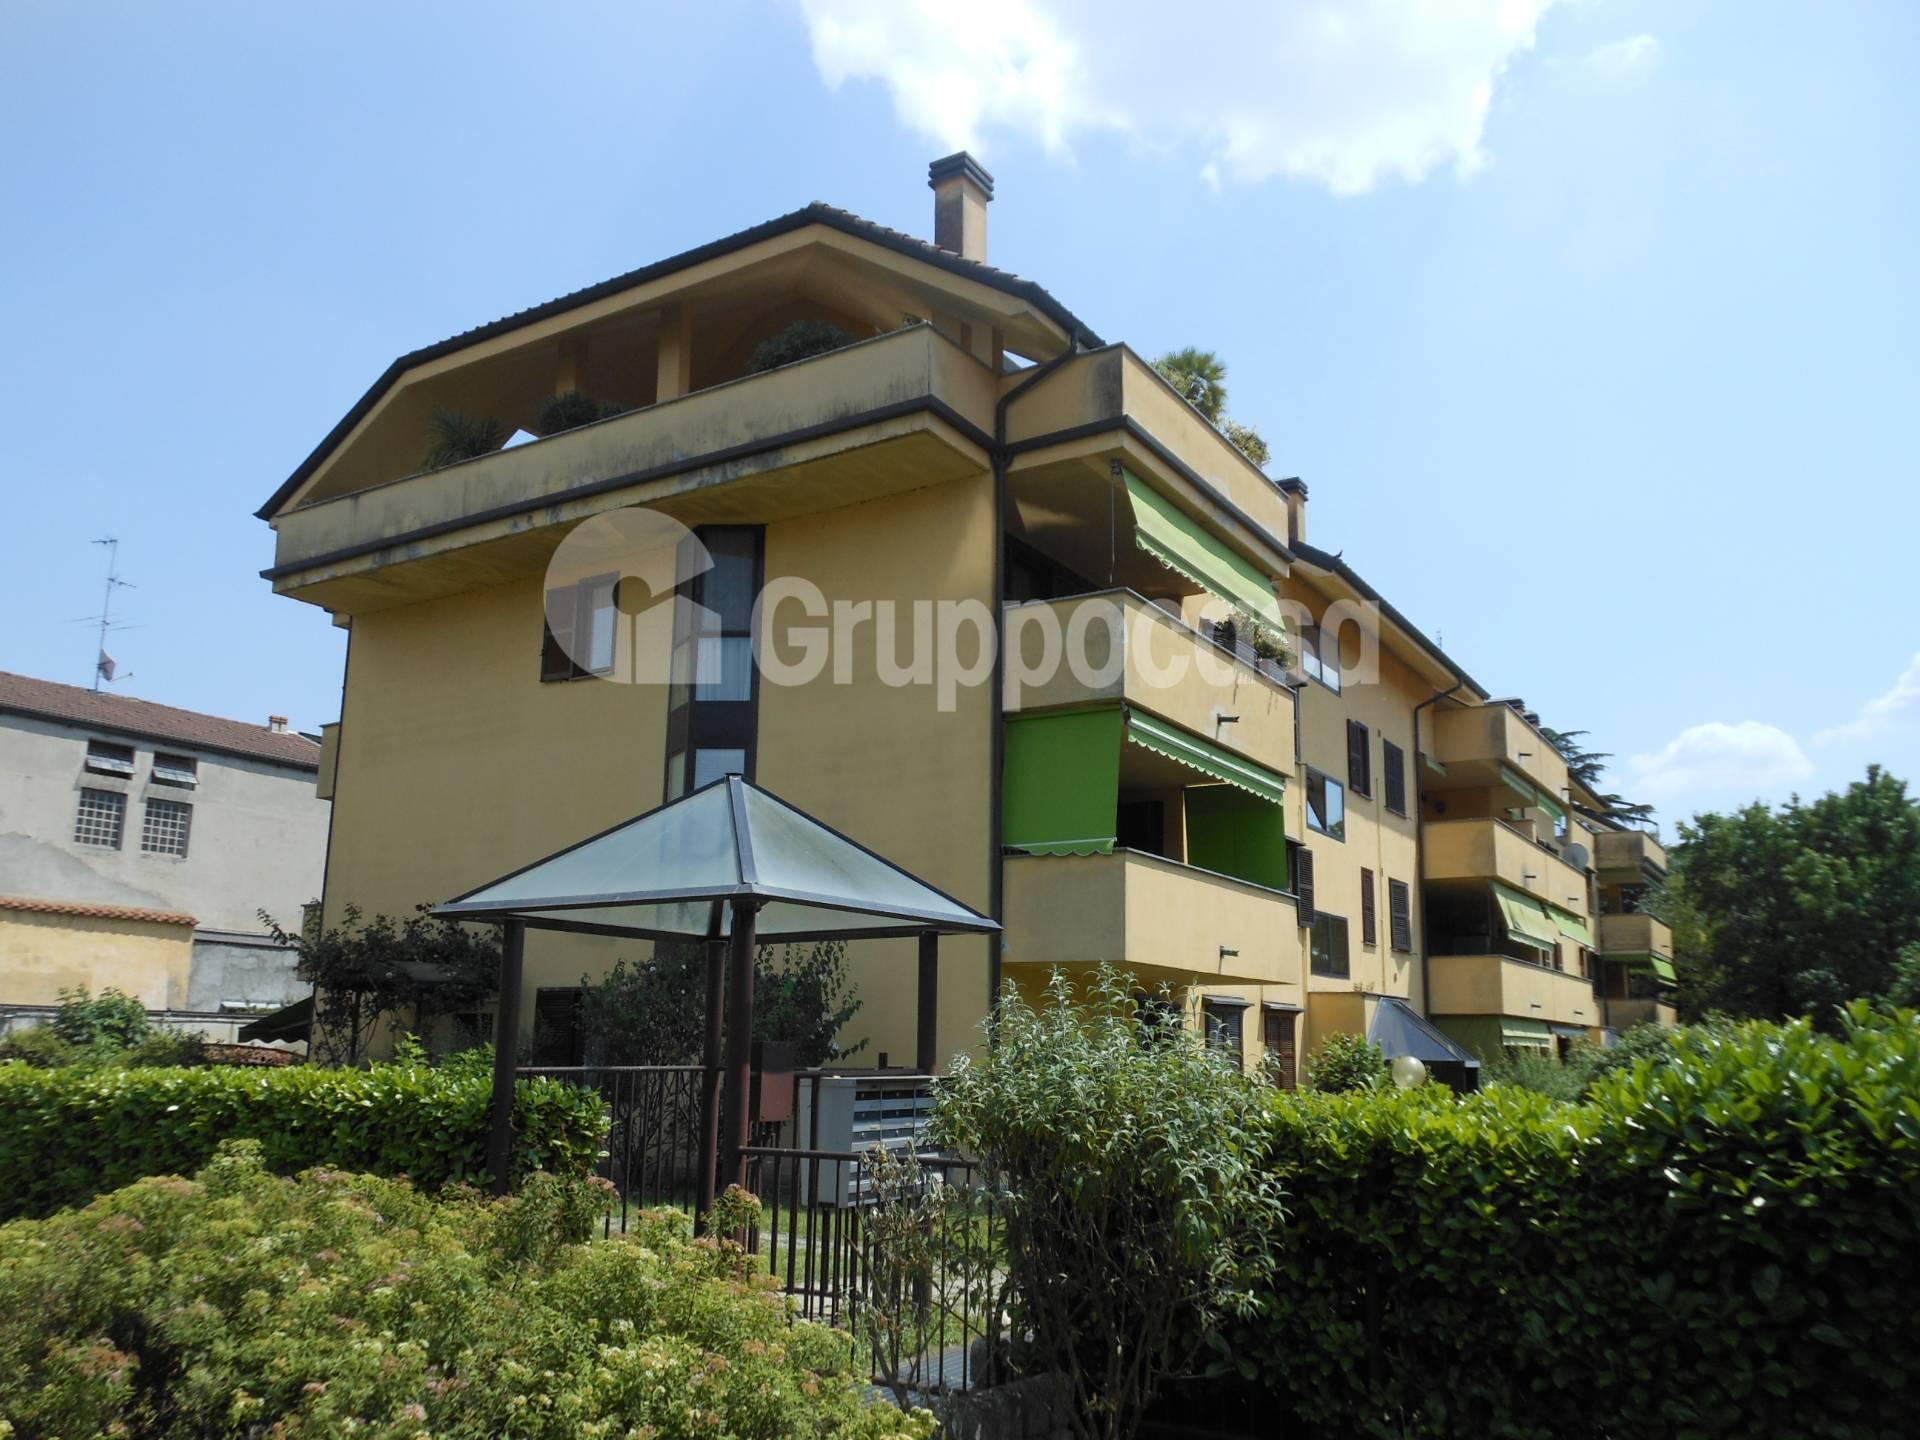 Appartamento in vendita a Magenta, 4 locali, prezzo € 360.000 | PortaleAgenzieImmobiliari.it